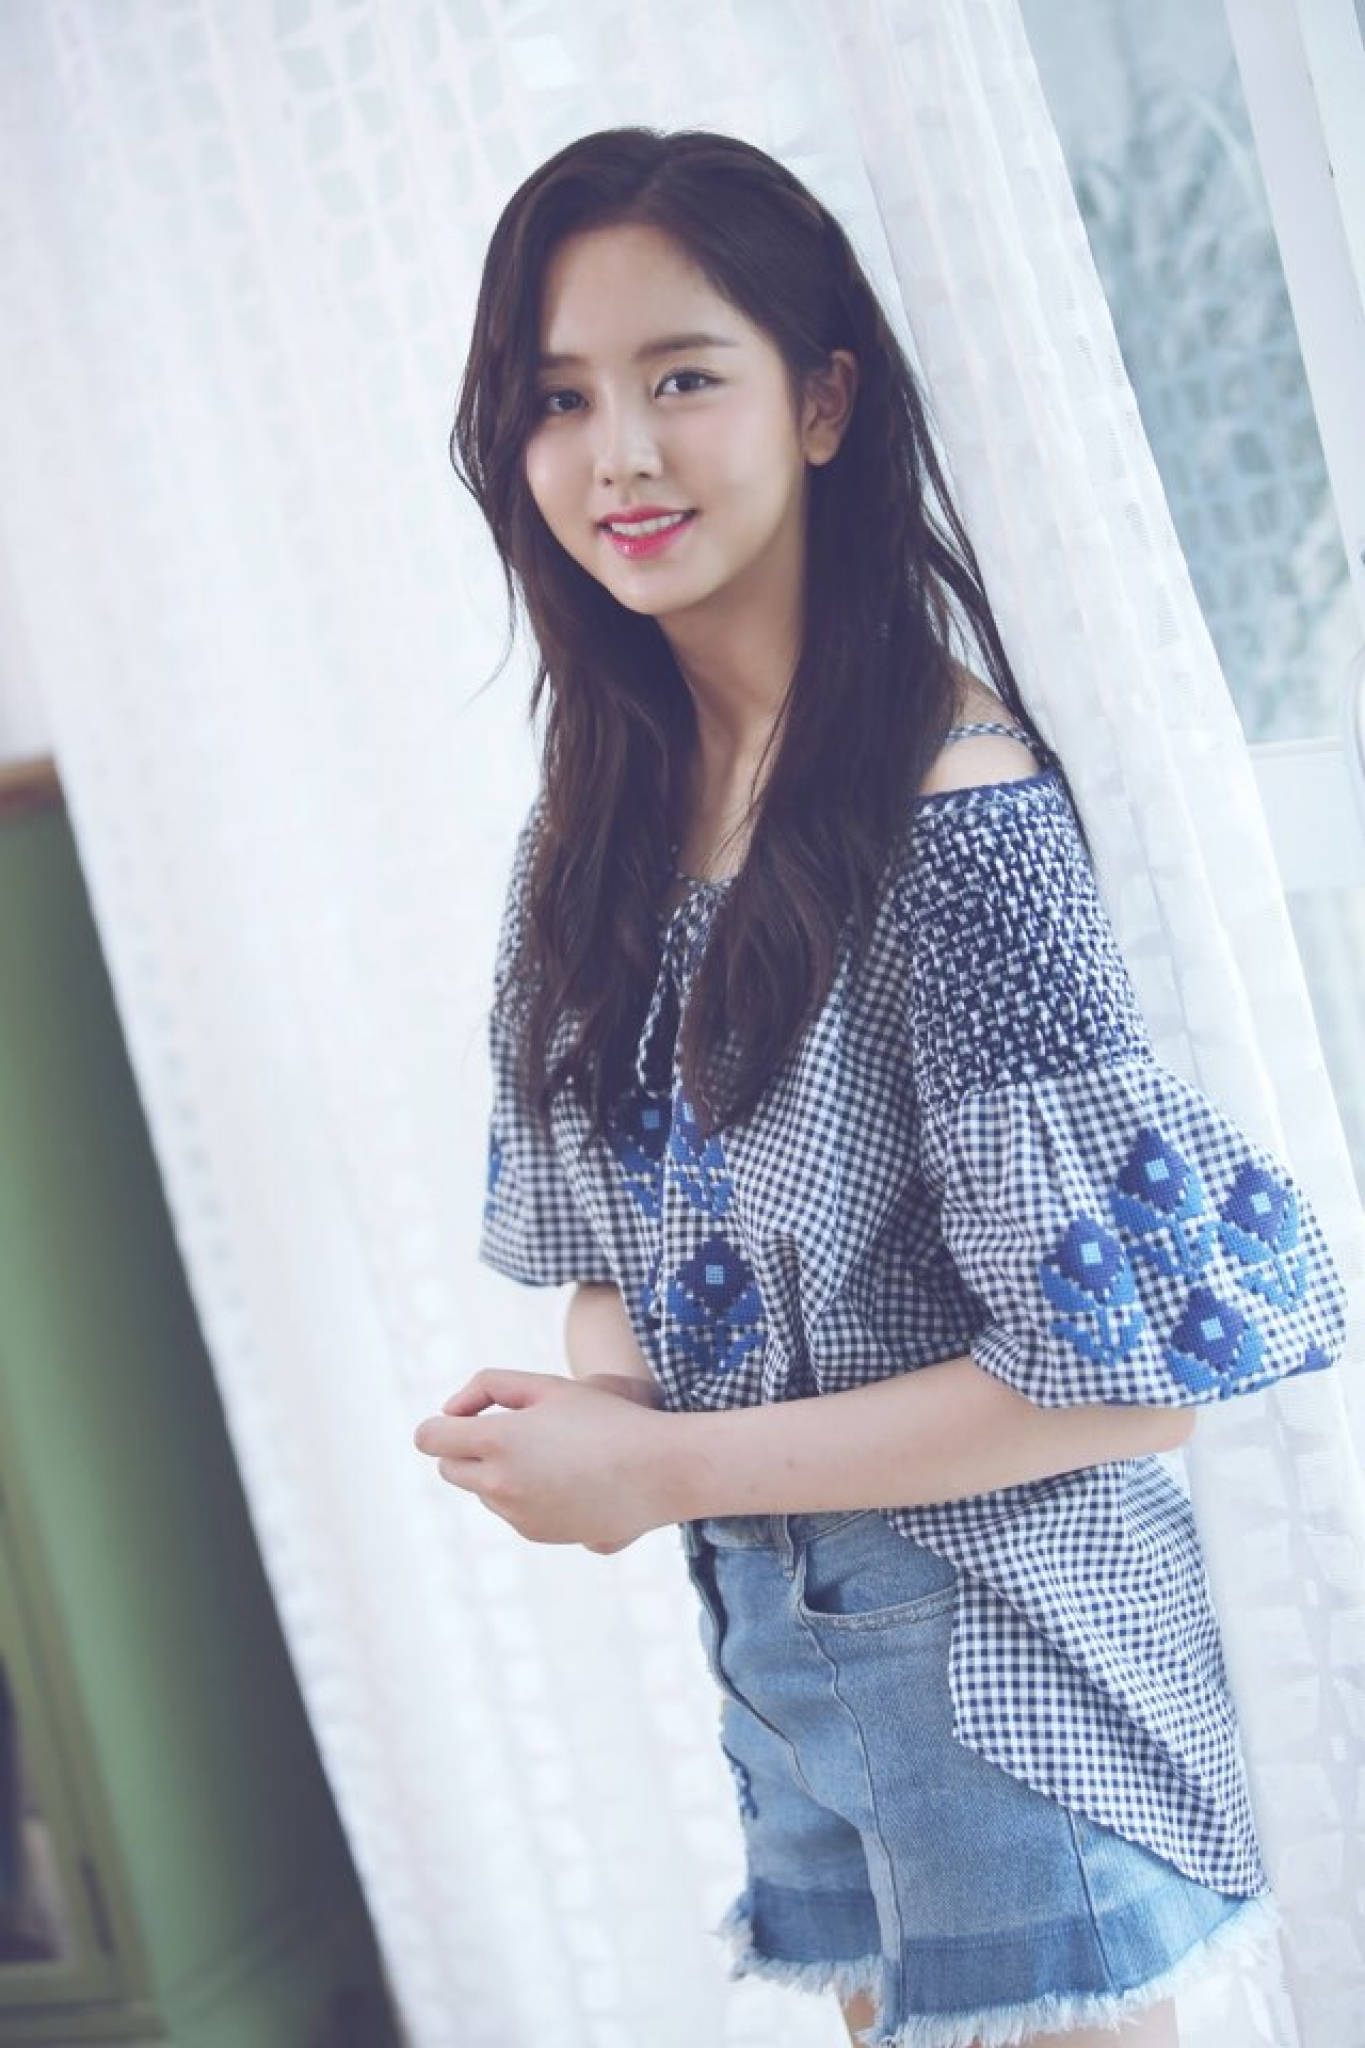 김소현, '라디오 로맨스' 작가役 출연확정… 6개월만에 드라마 컴백